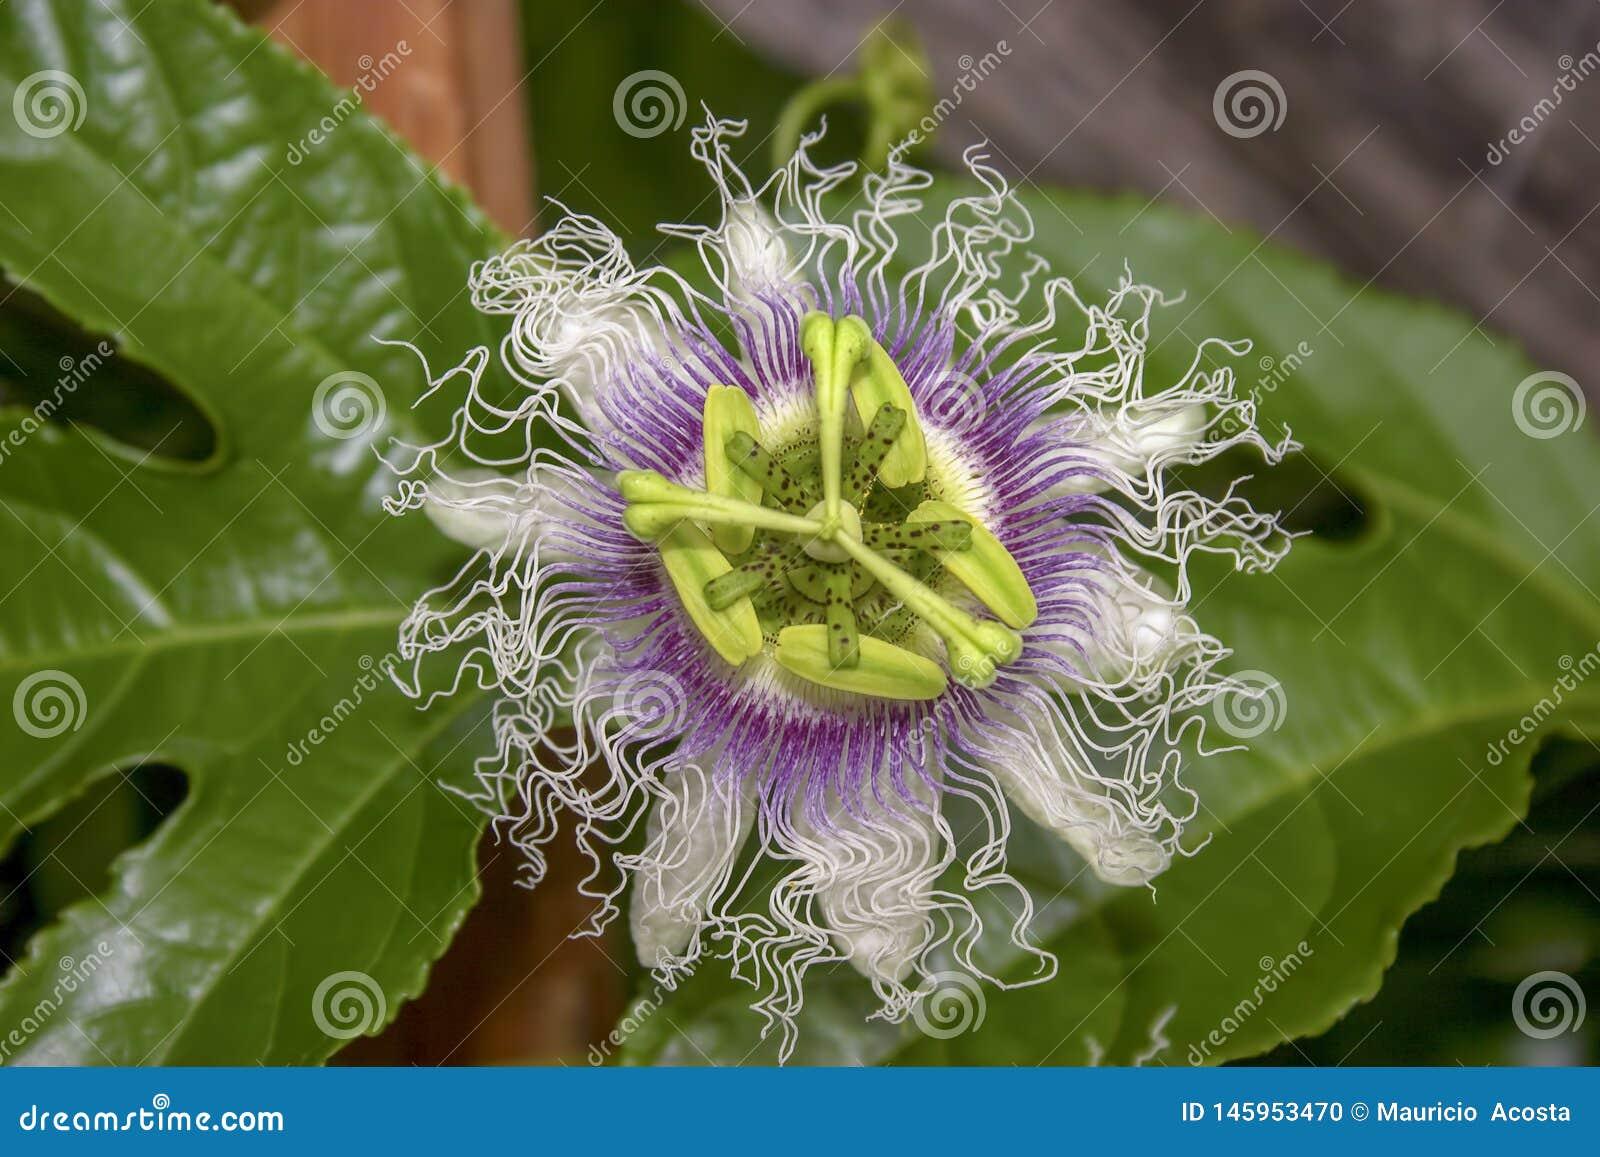 Macrofotografia di un fiore del frutto della passione